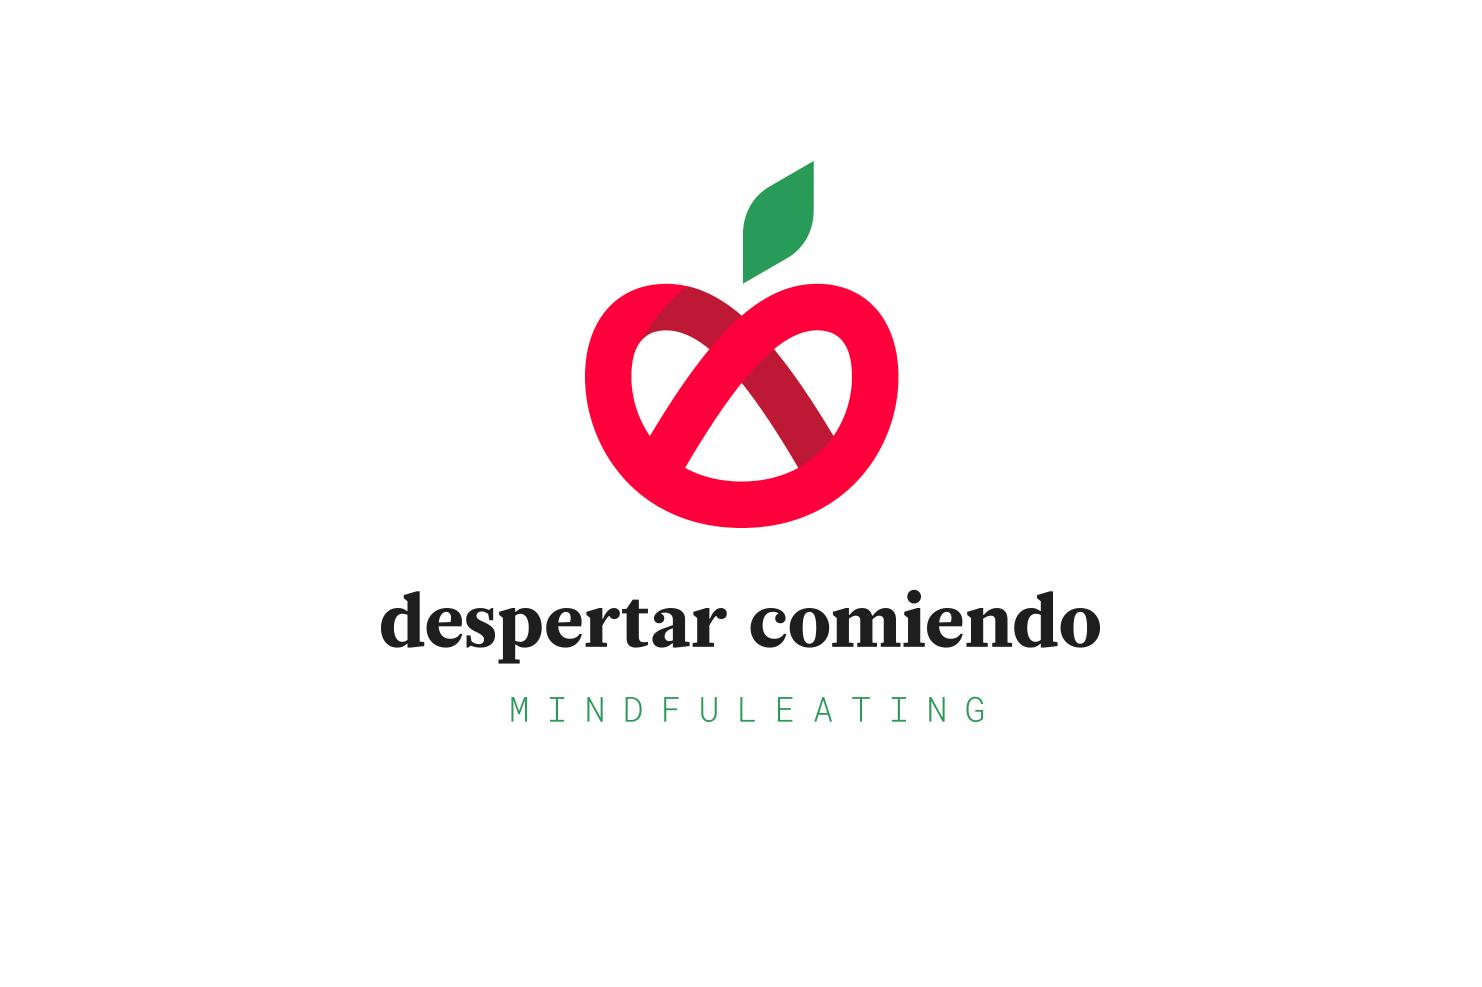 diseño logo despertar comiendo